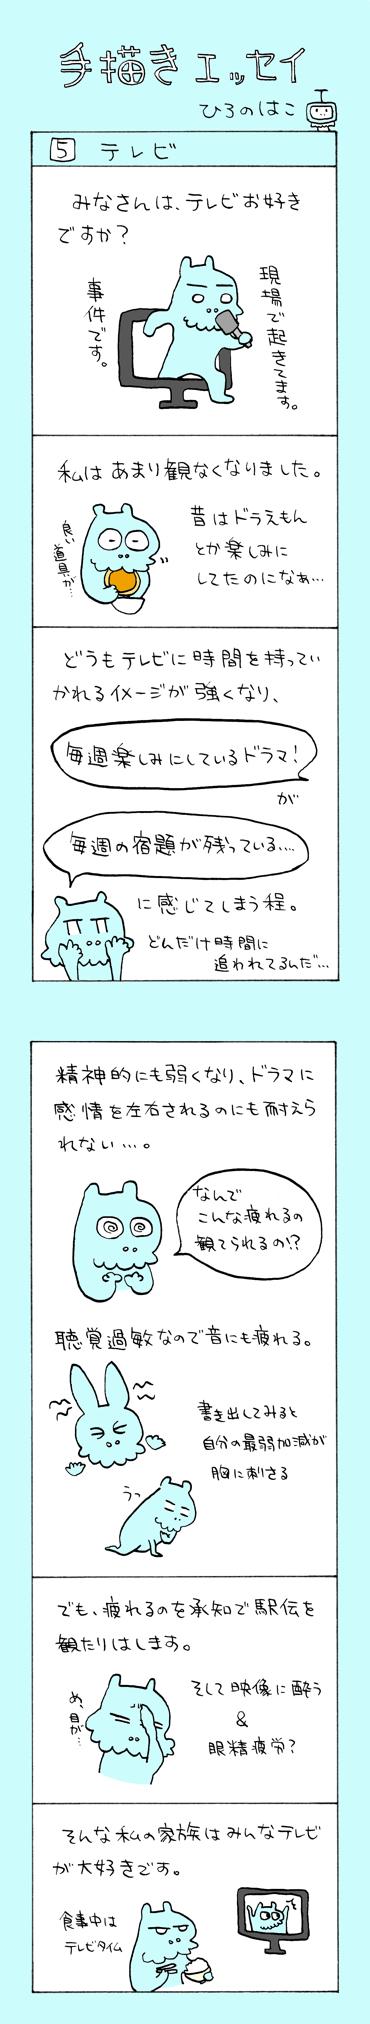 手描きエッセイ5:テレビ